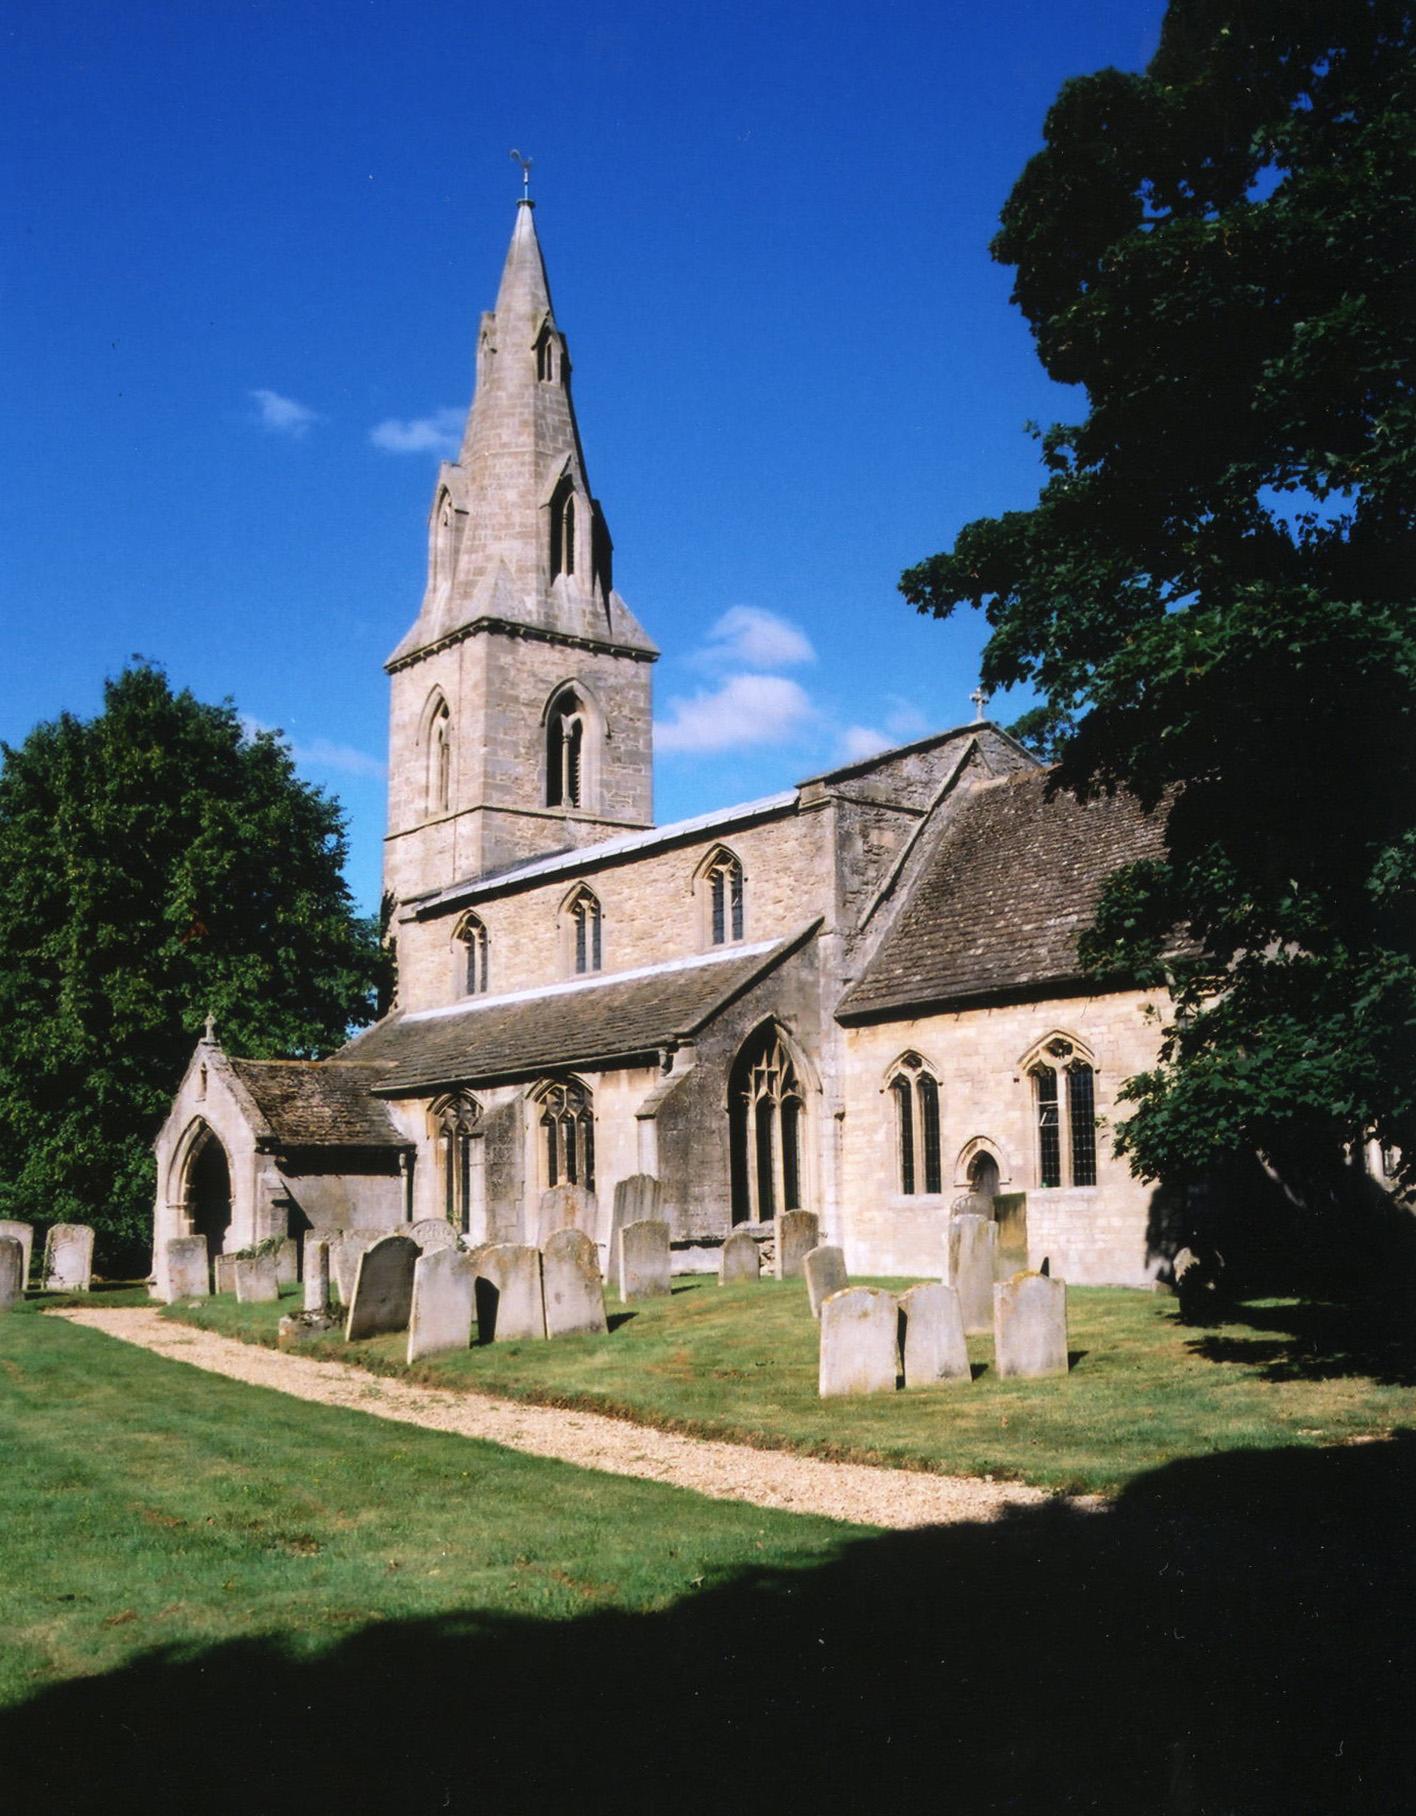 Carlby St. Stephen parish church